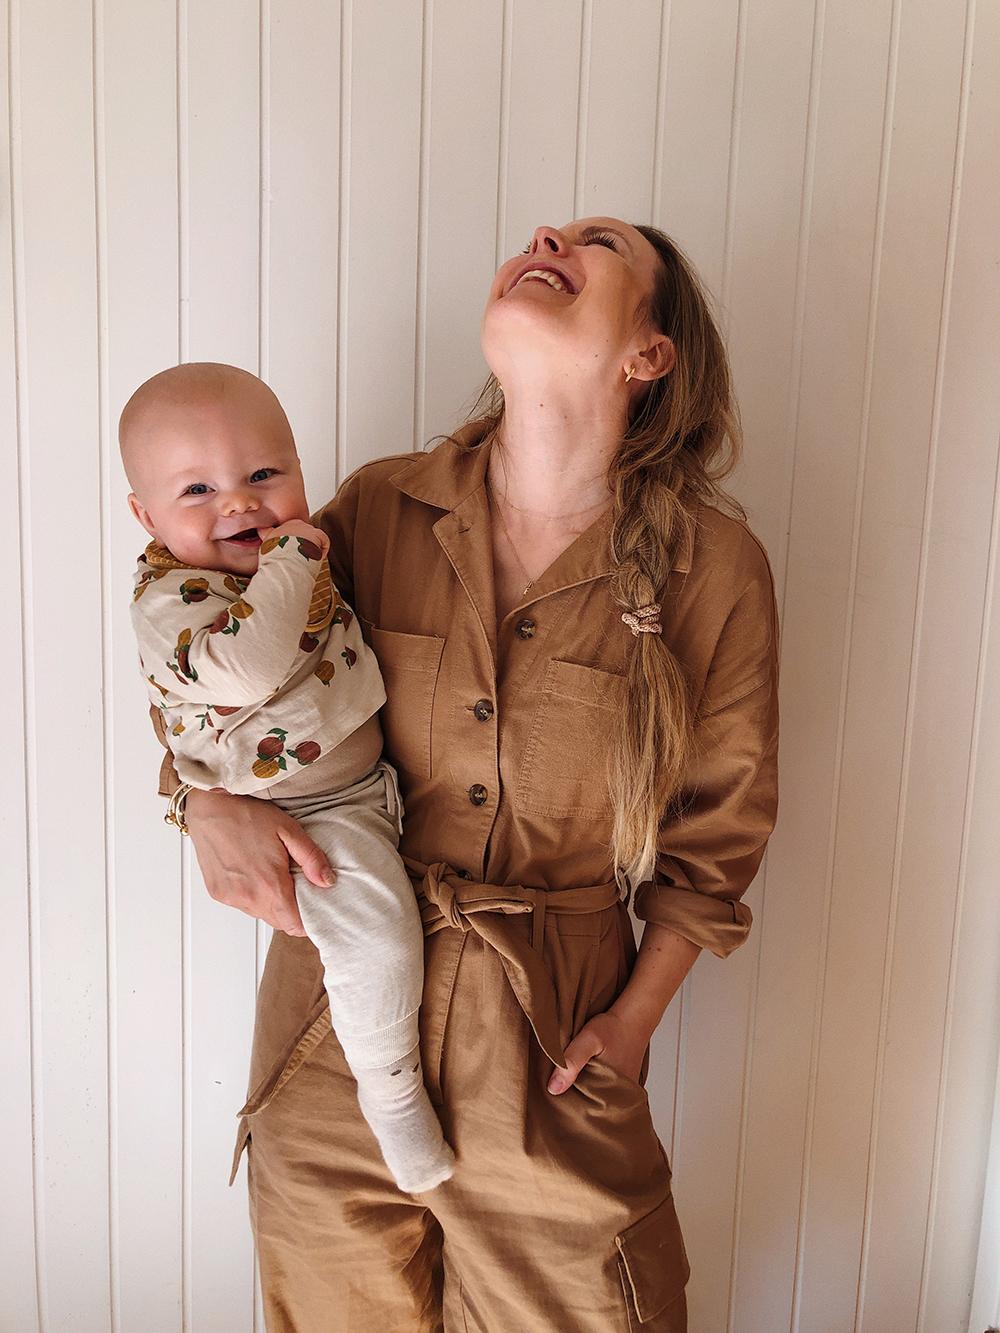 mor med baby på armen, begge smiler stort